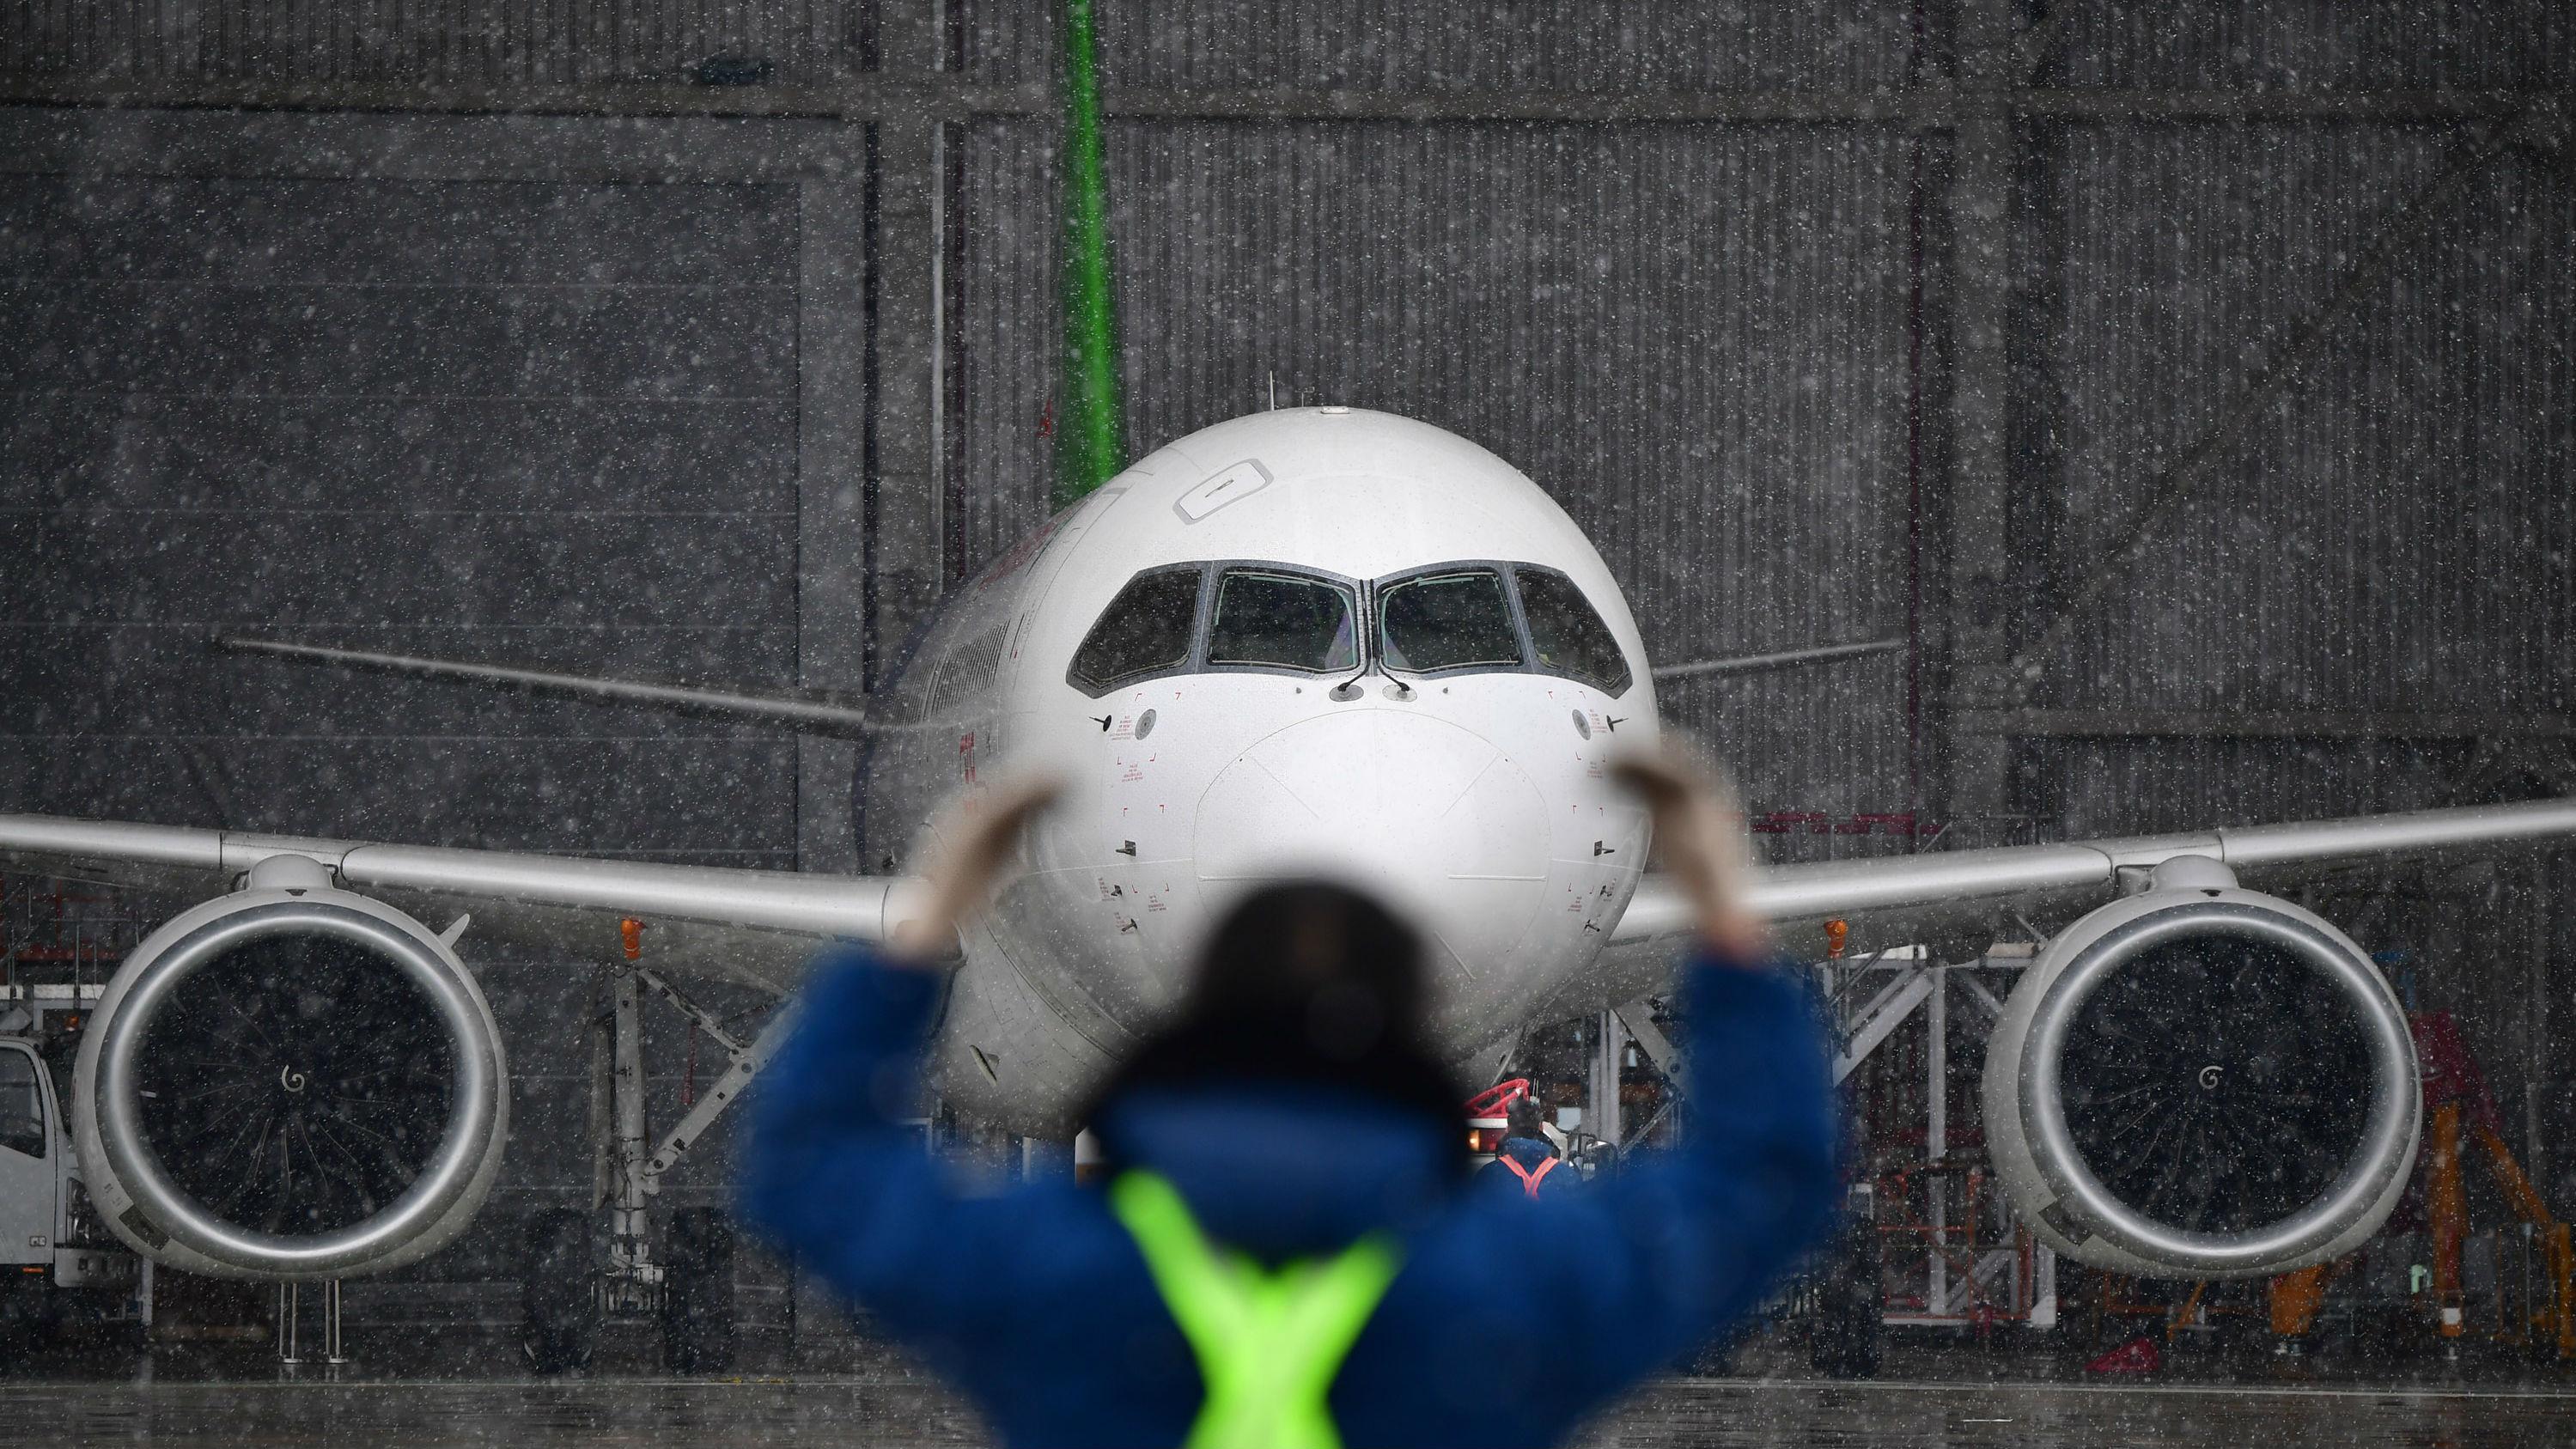 中国航空业在竞争中快速成长 5年内或超美成最大飞机市场